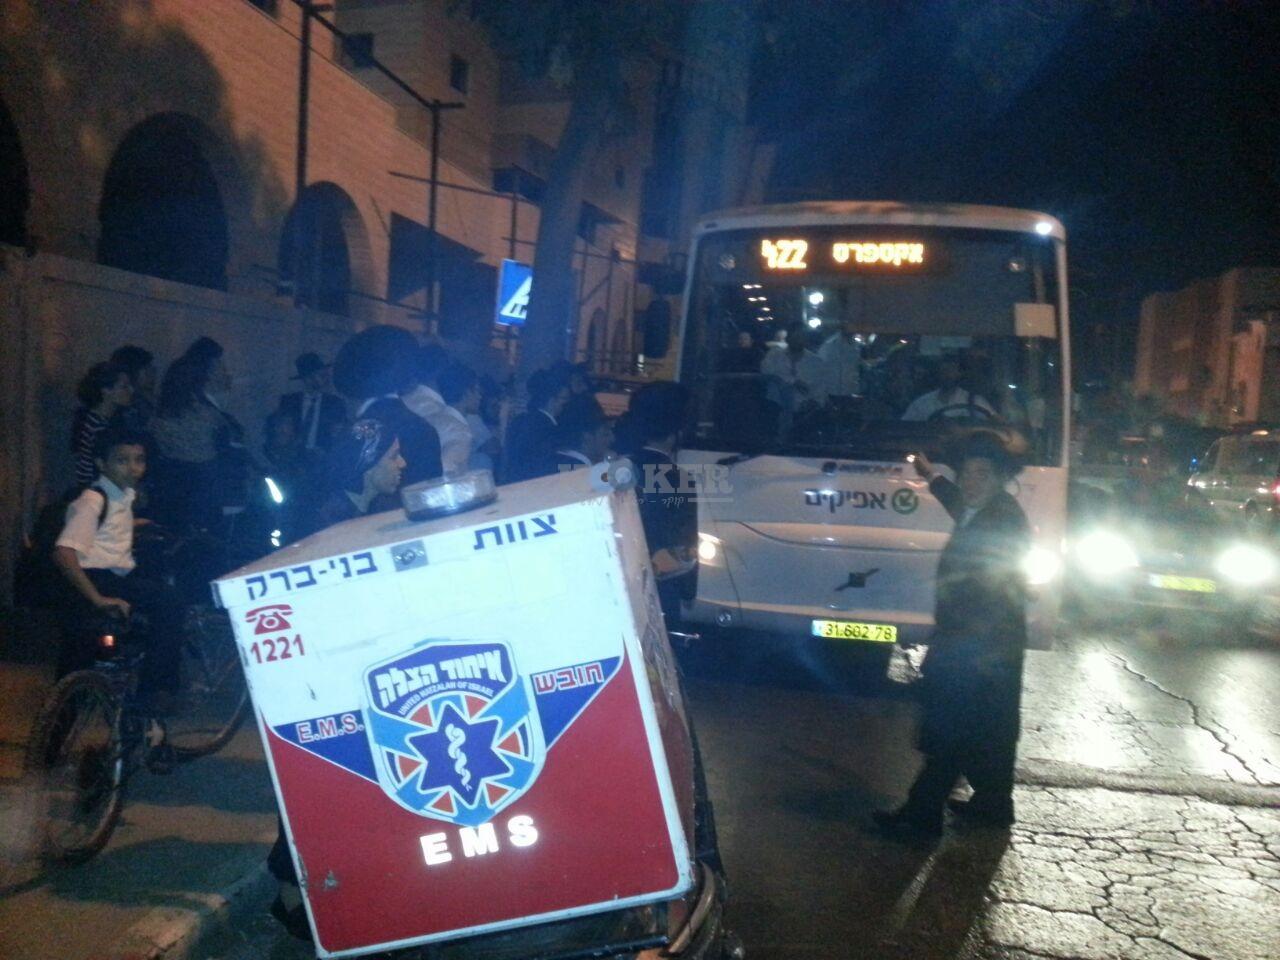 חסימות אוטובוסים השומר צילם יהודה רחמים 24 (5)